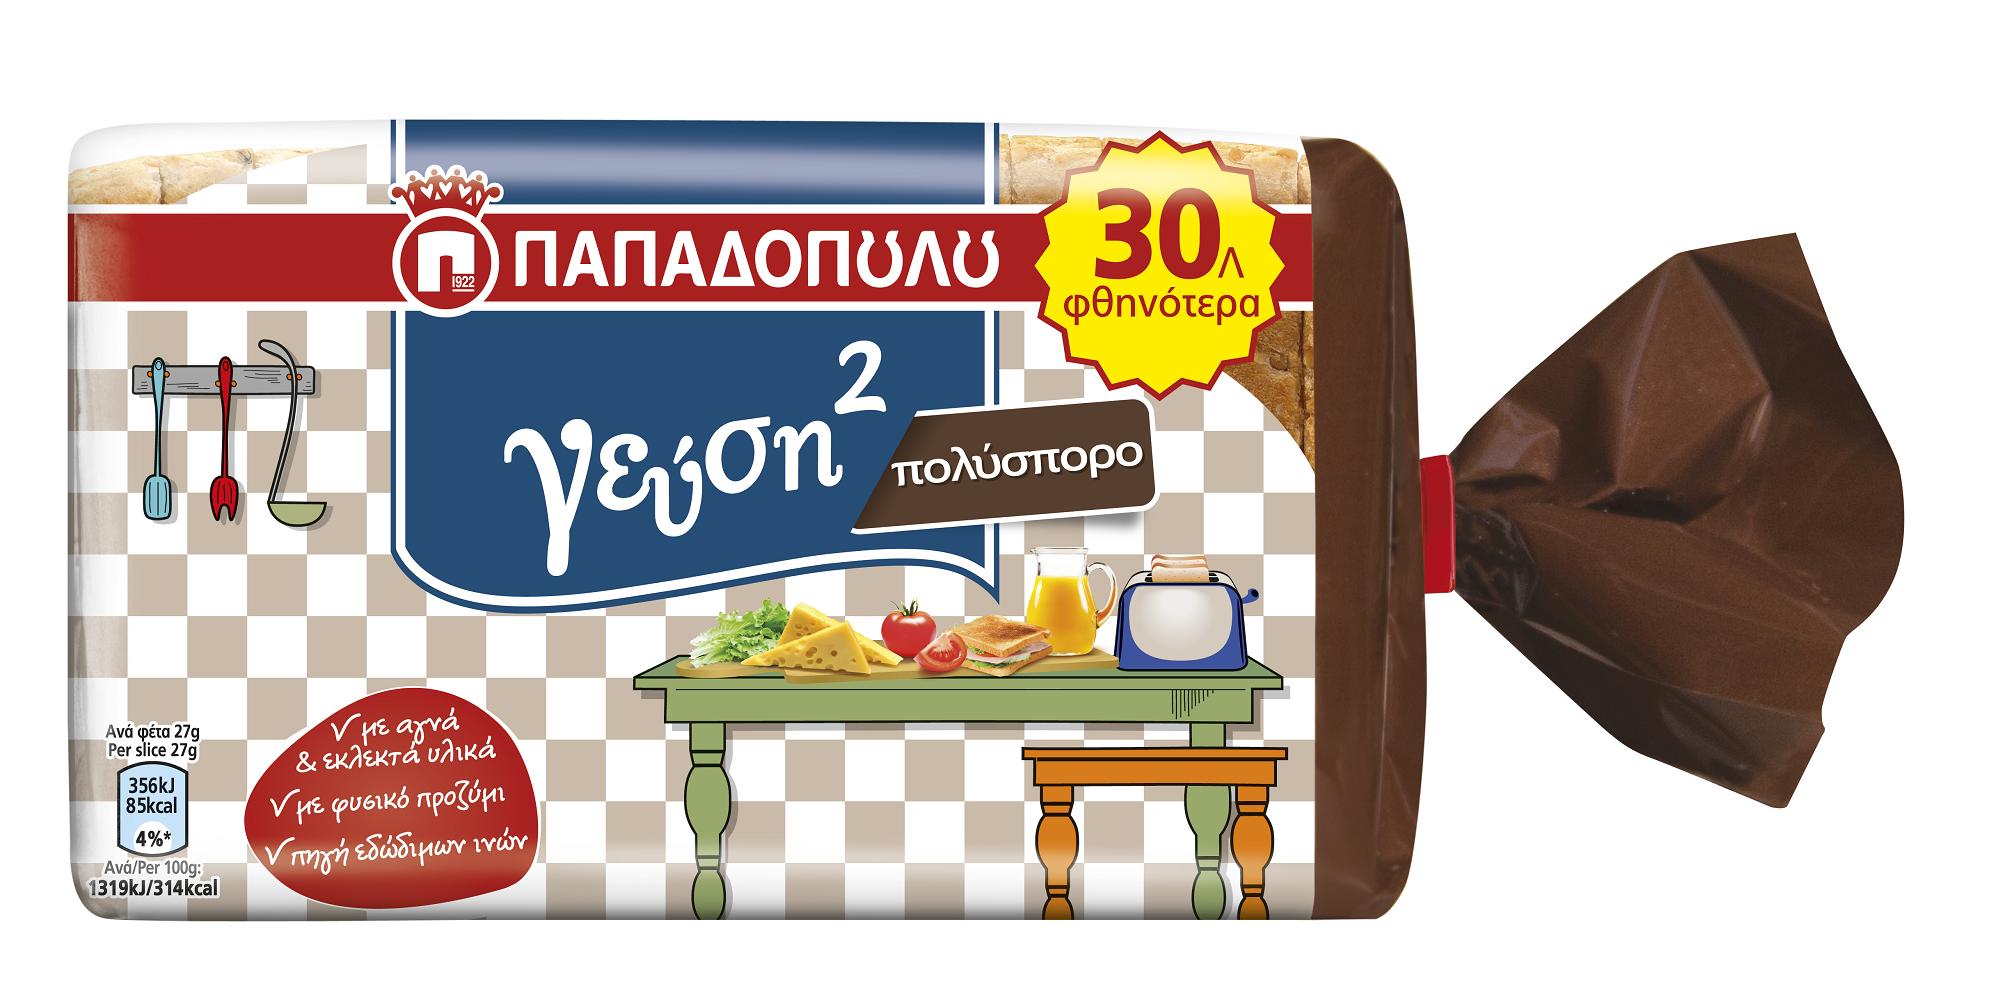 Ψωμί για Τόστ Γεύση2 Πολύσπορο Παπαδοπούλου (380 g)